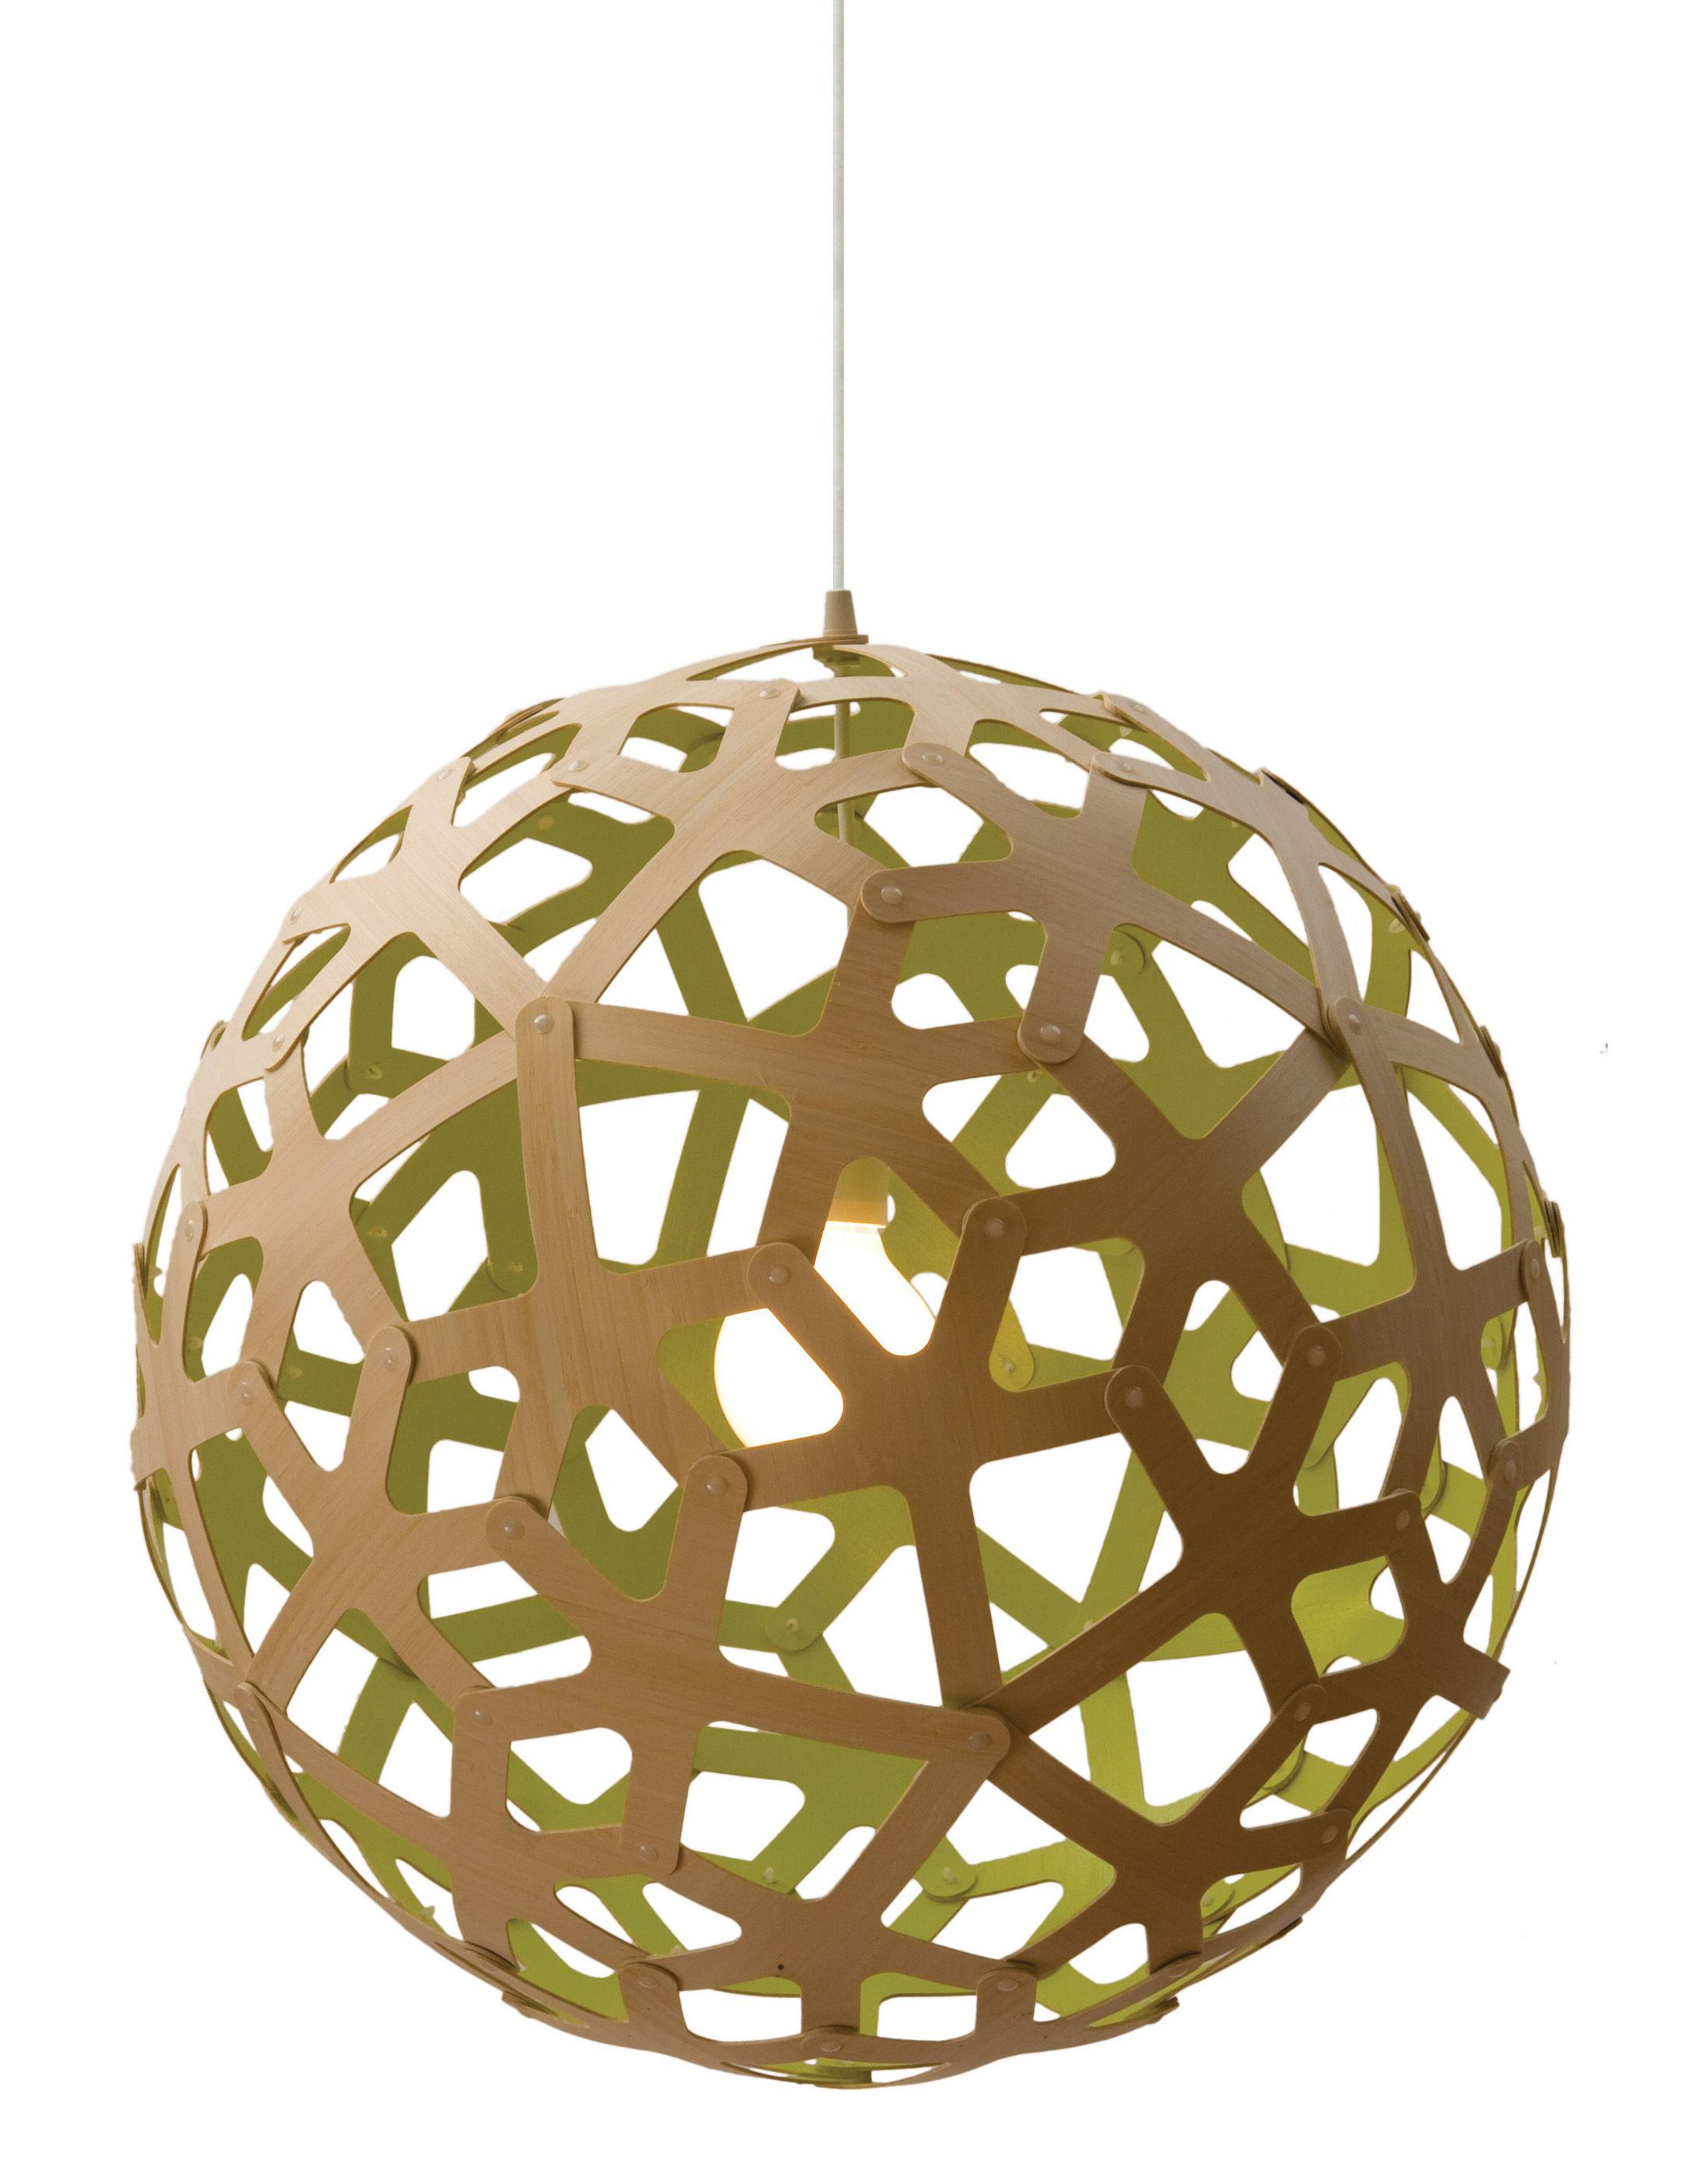 Leuchten - Pendelleuchten - Coral Pendelleuchte Ø 40 cm - zweifarbig - exklusiv - David Trubridge - Zitronengelb / Naturholz - Kiefer